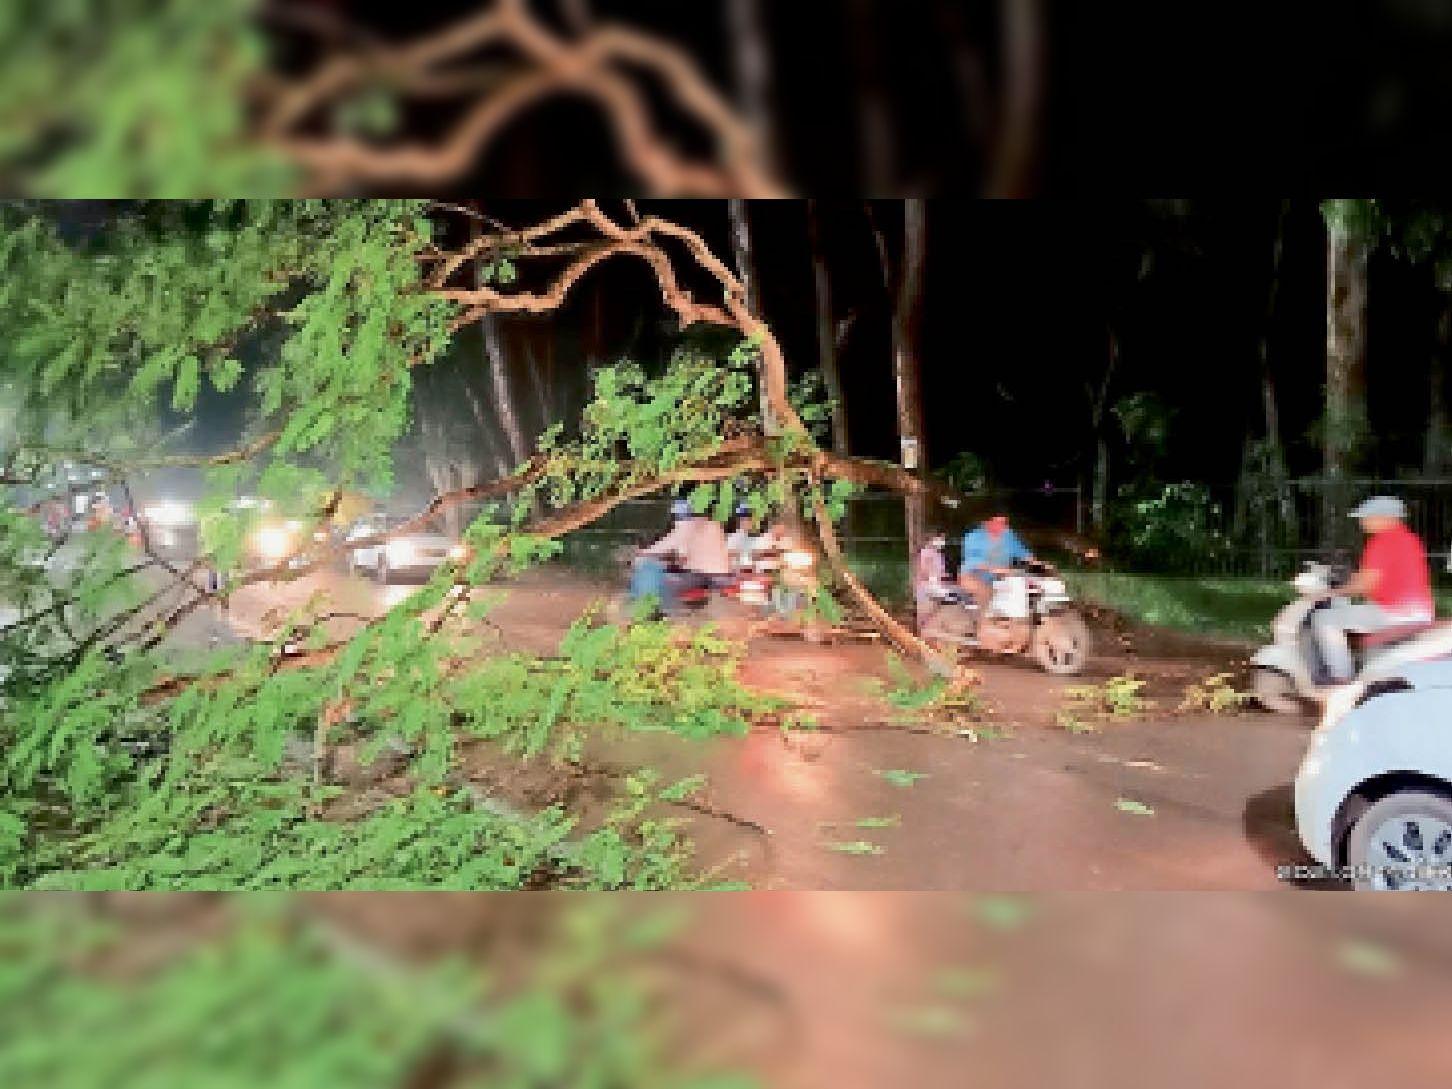 शहर के लालबाग इलाके में शाम को बारिश के दौरान गिरा पेड़। - Dainik Bhaskar